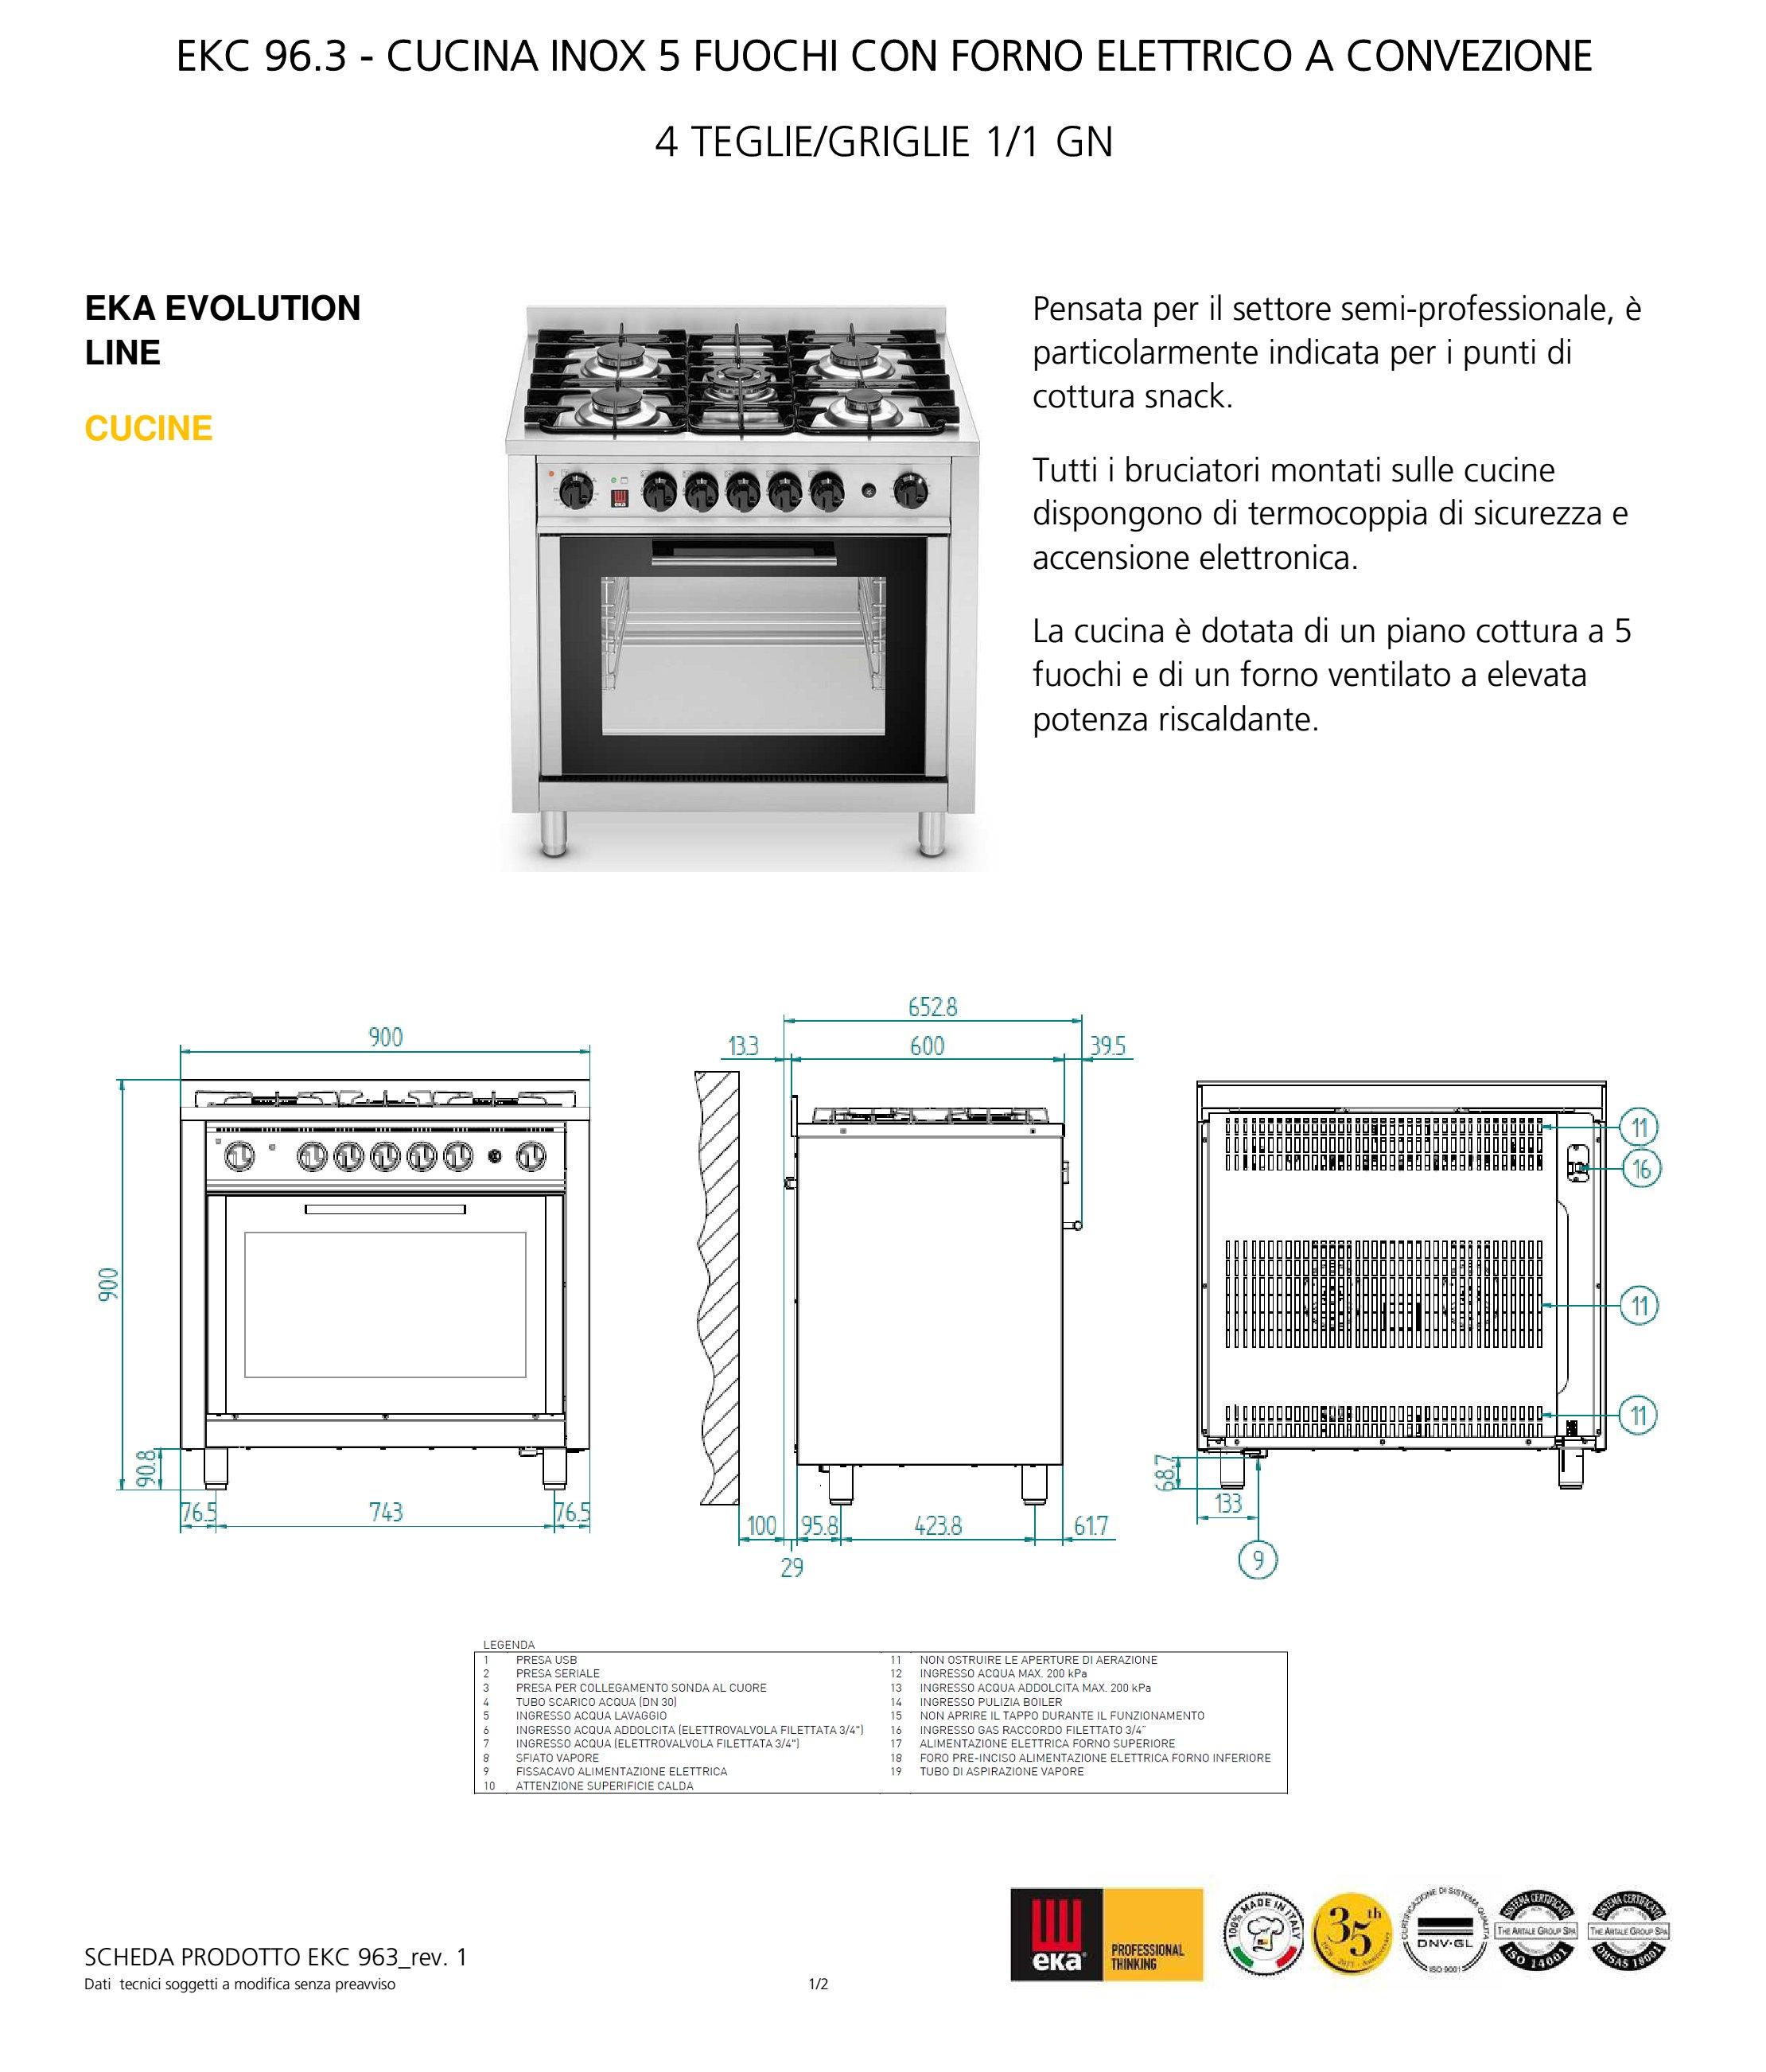 Cucina semi-professionale EKC 96.3, 5 fuochi, forno ...